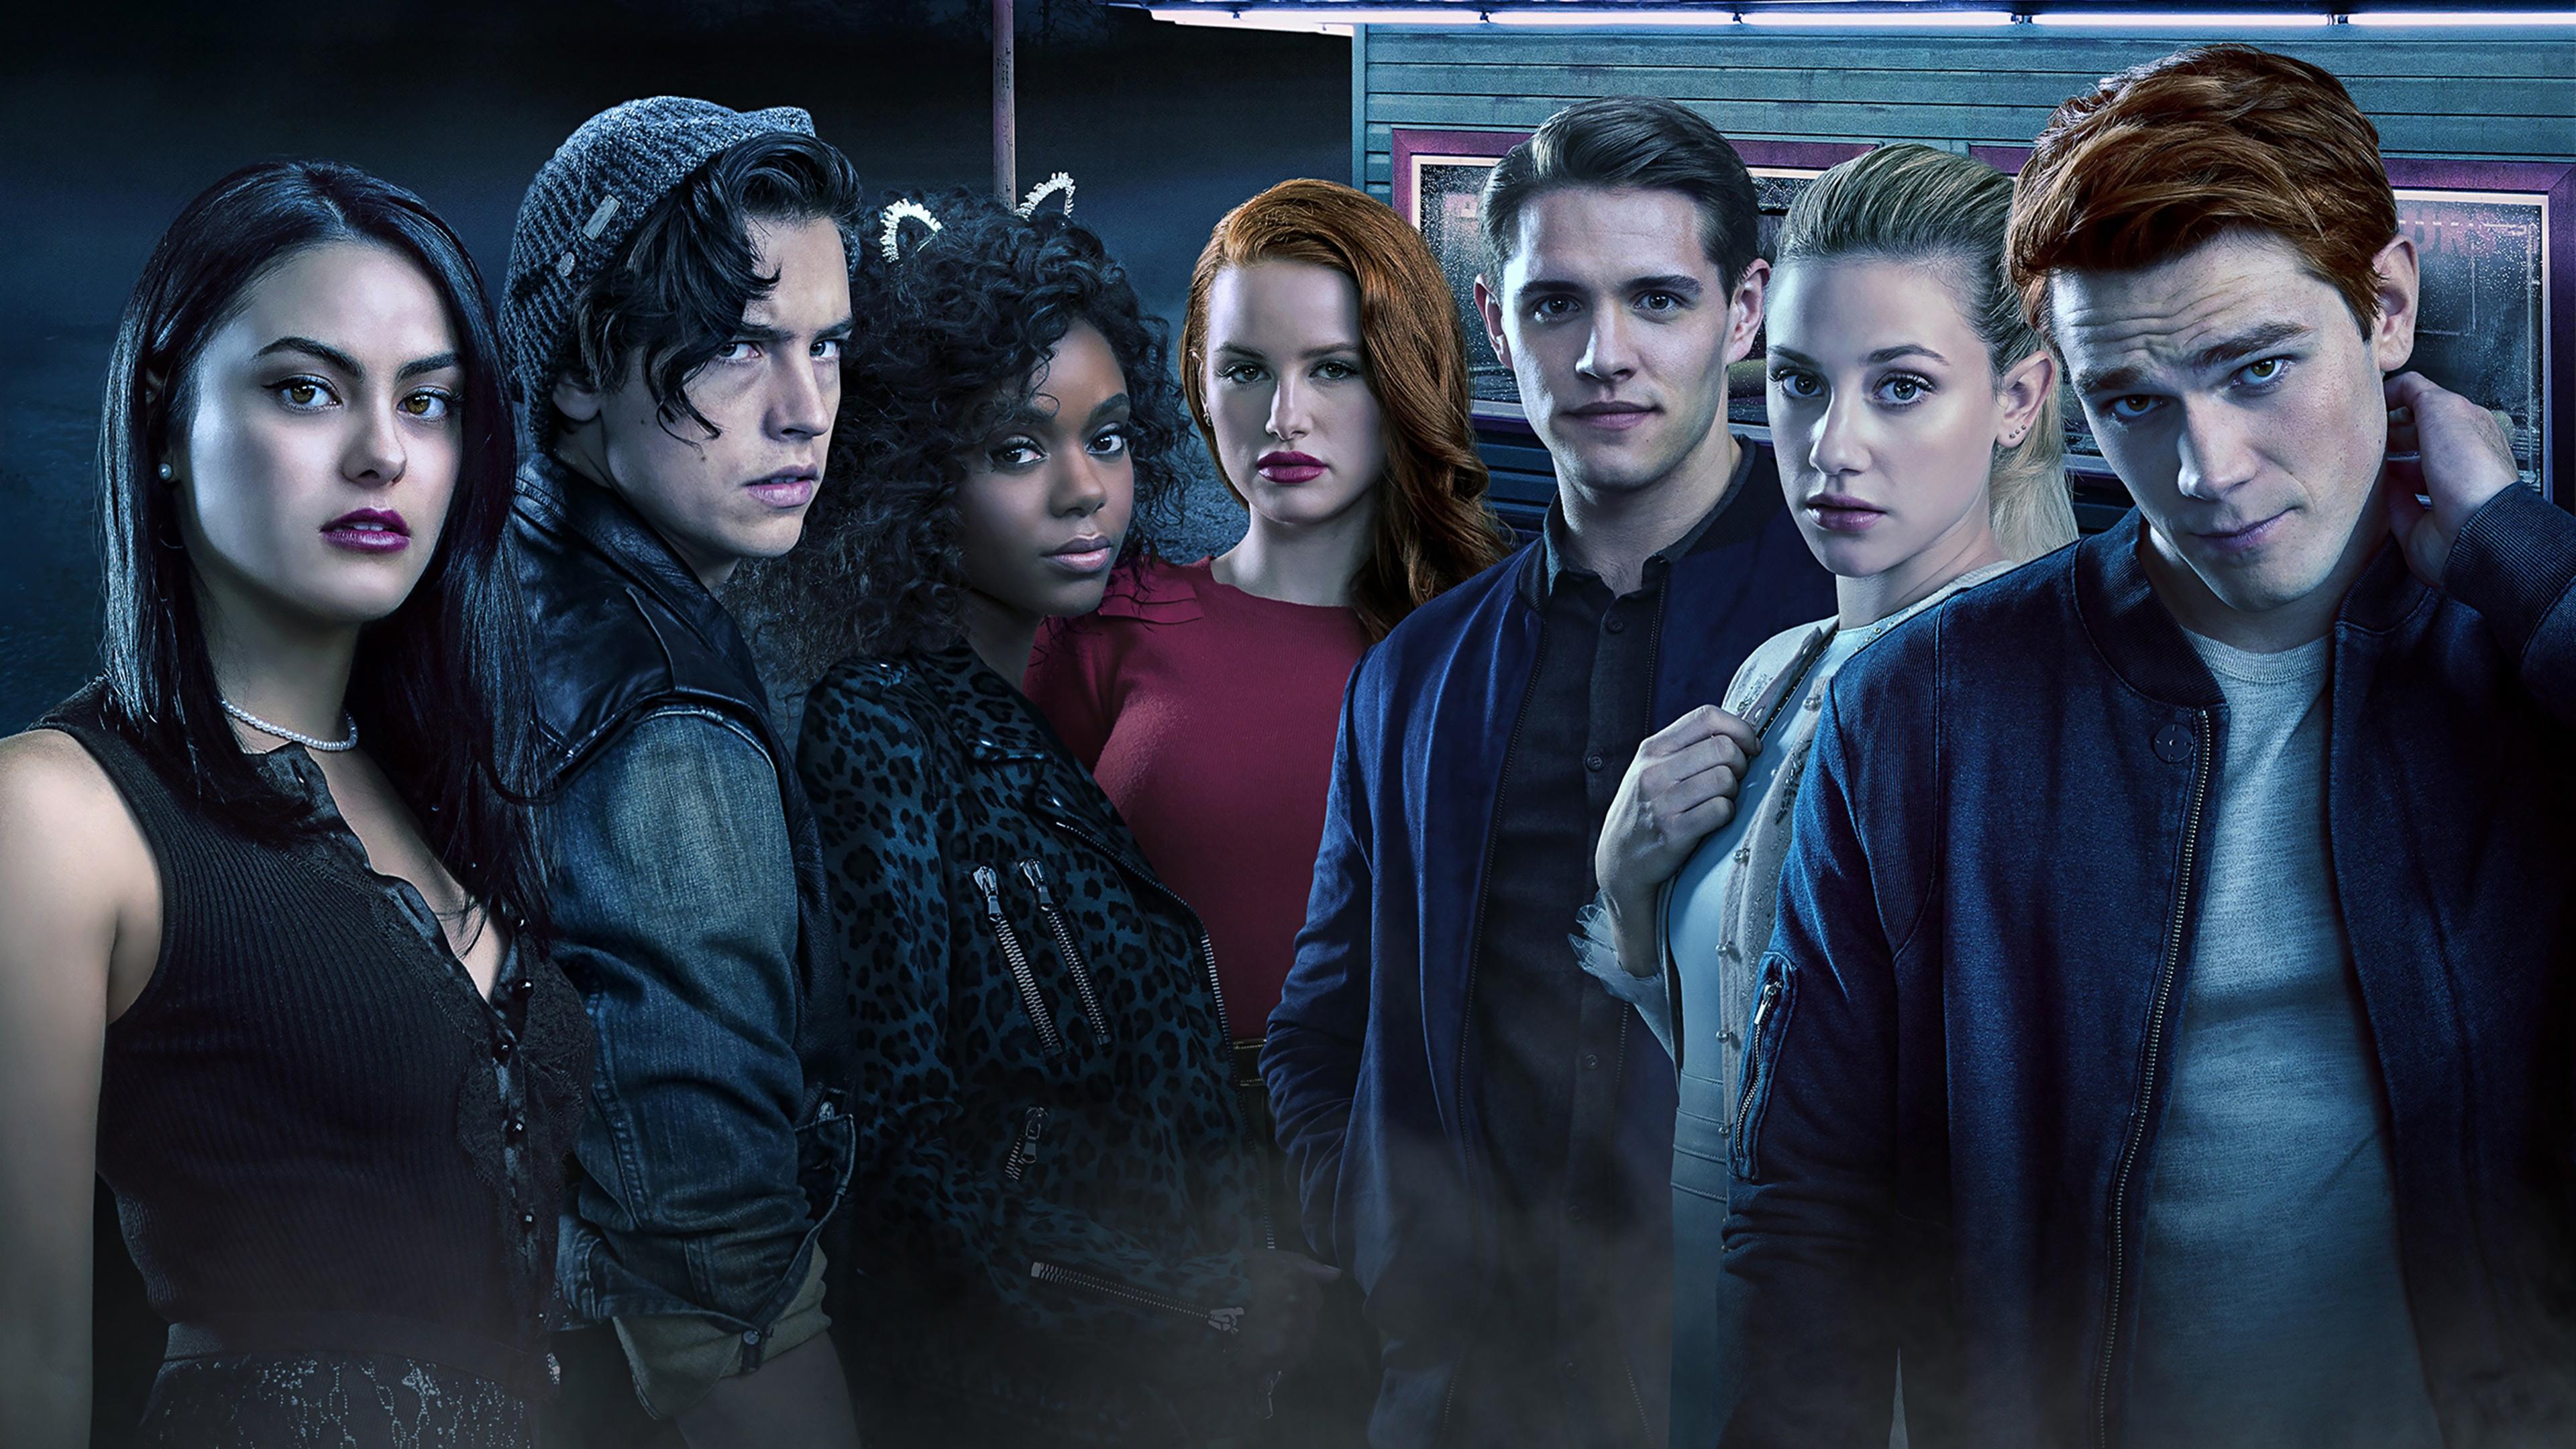 Fondos de pantalla Riverdale Temportada 2